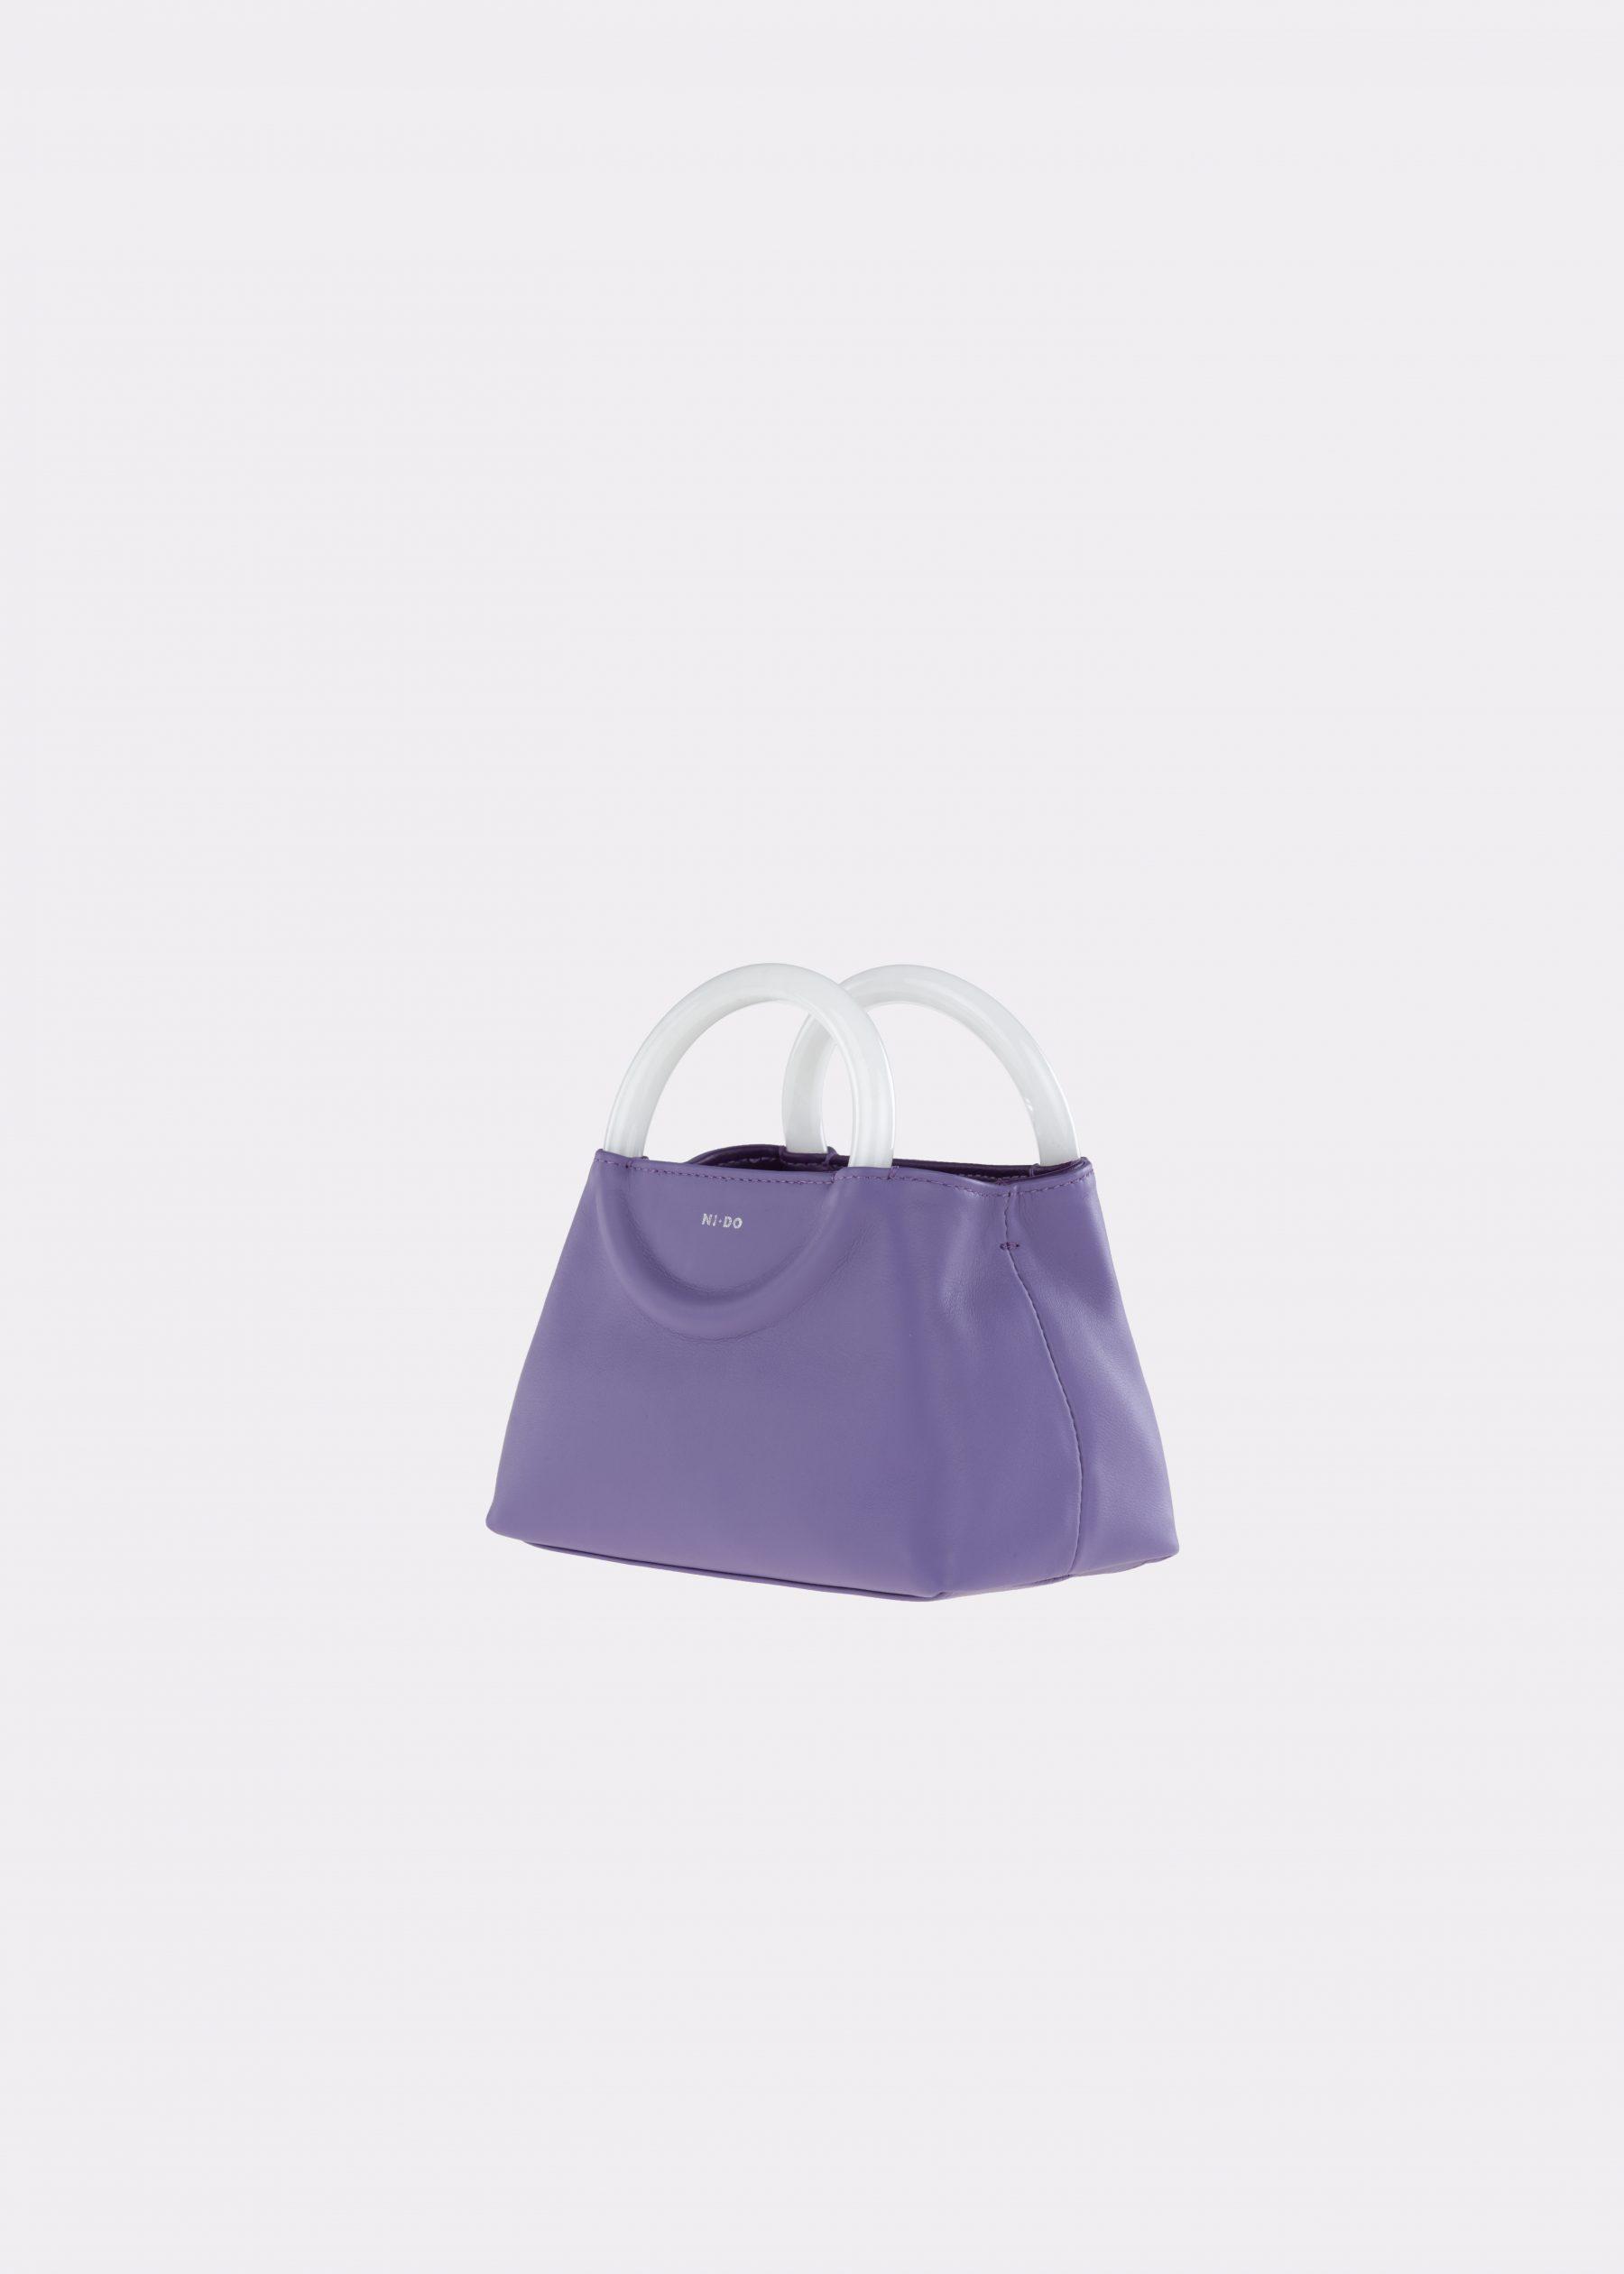 NIDO-Bolla_Mini-bag-Violetta-Pearl_side view